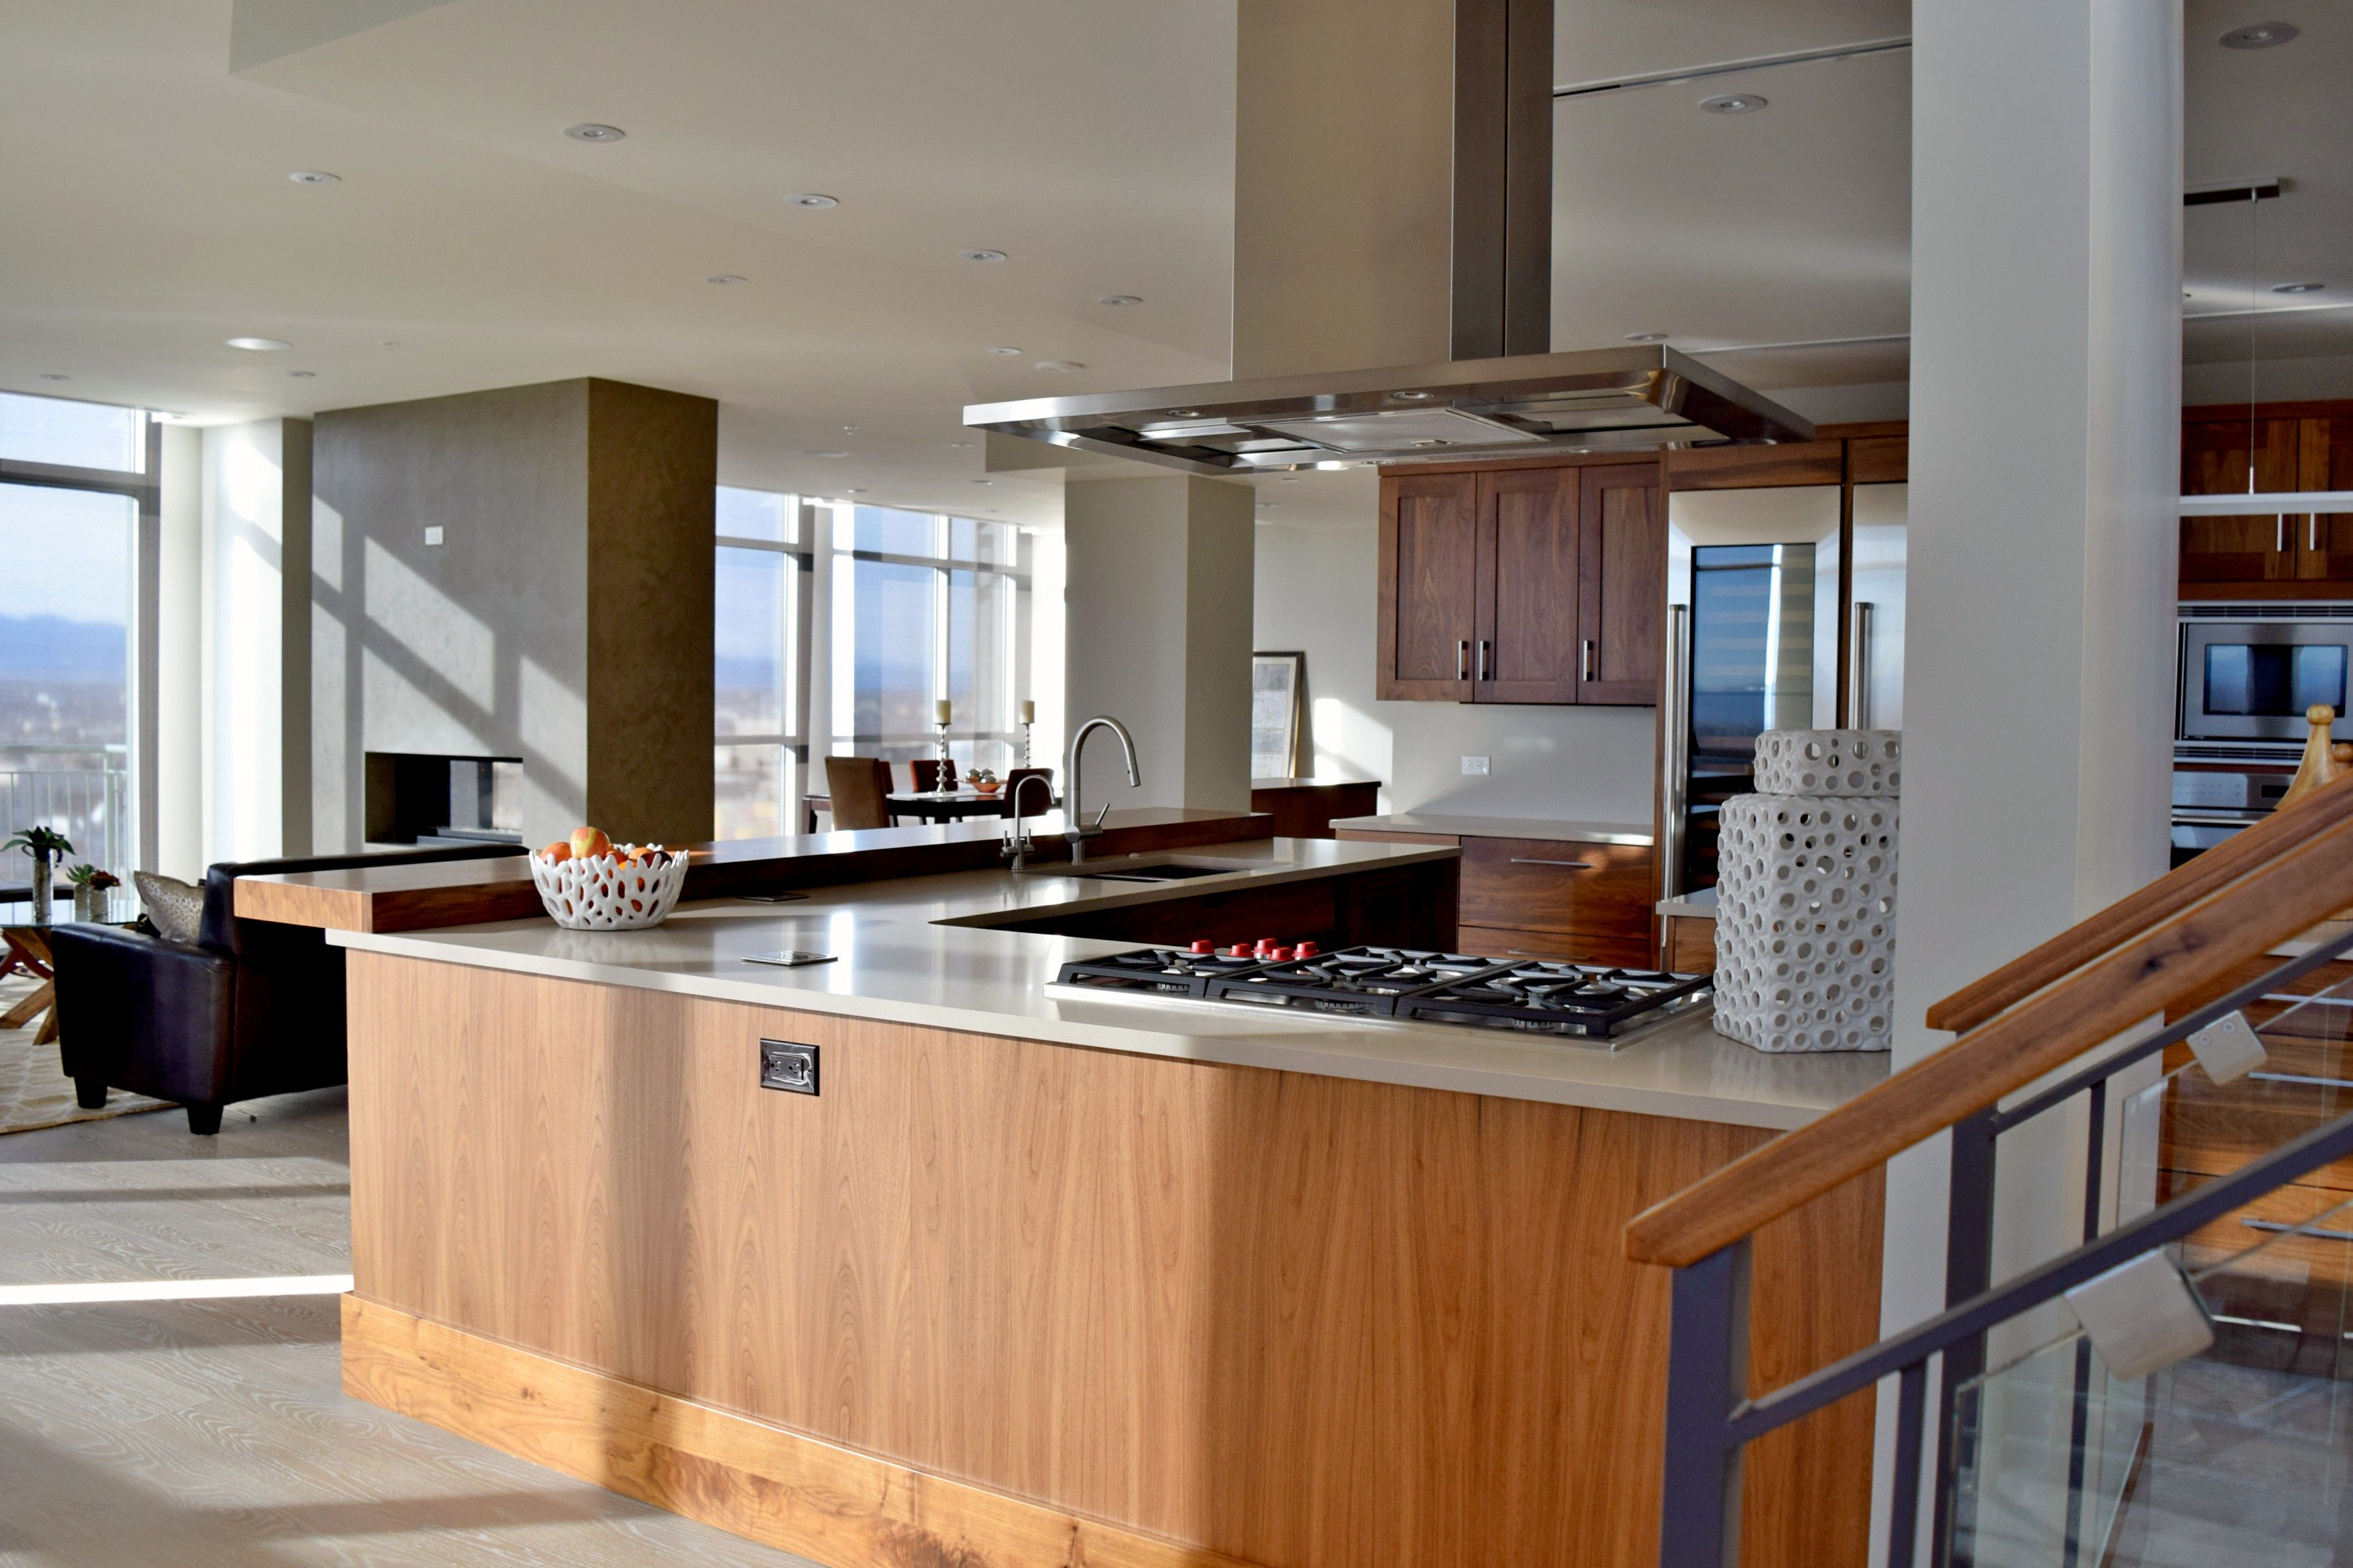 BKC Kitchen and Bath Denver kitchen cabinets - Crystal Cabinet Works ...